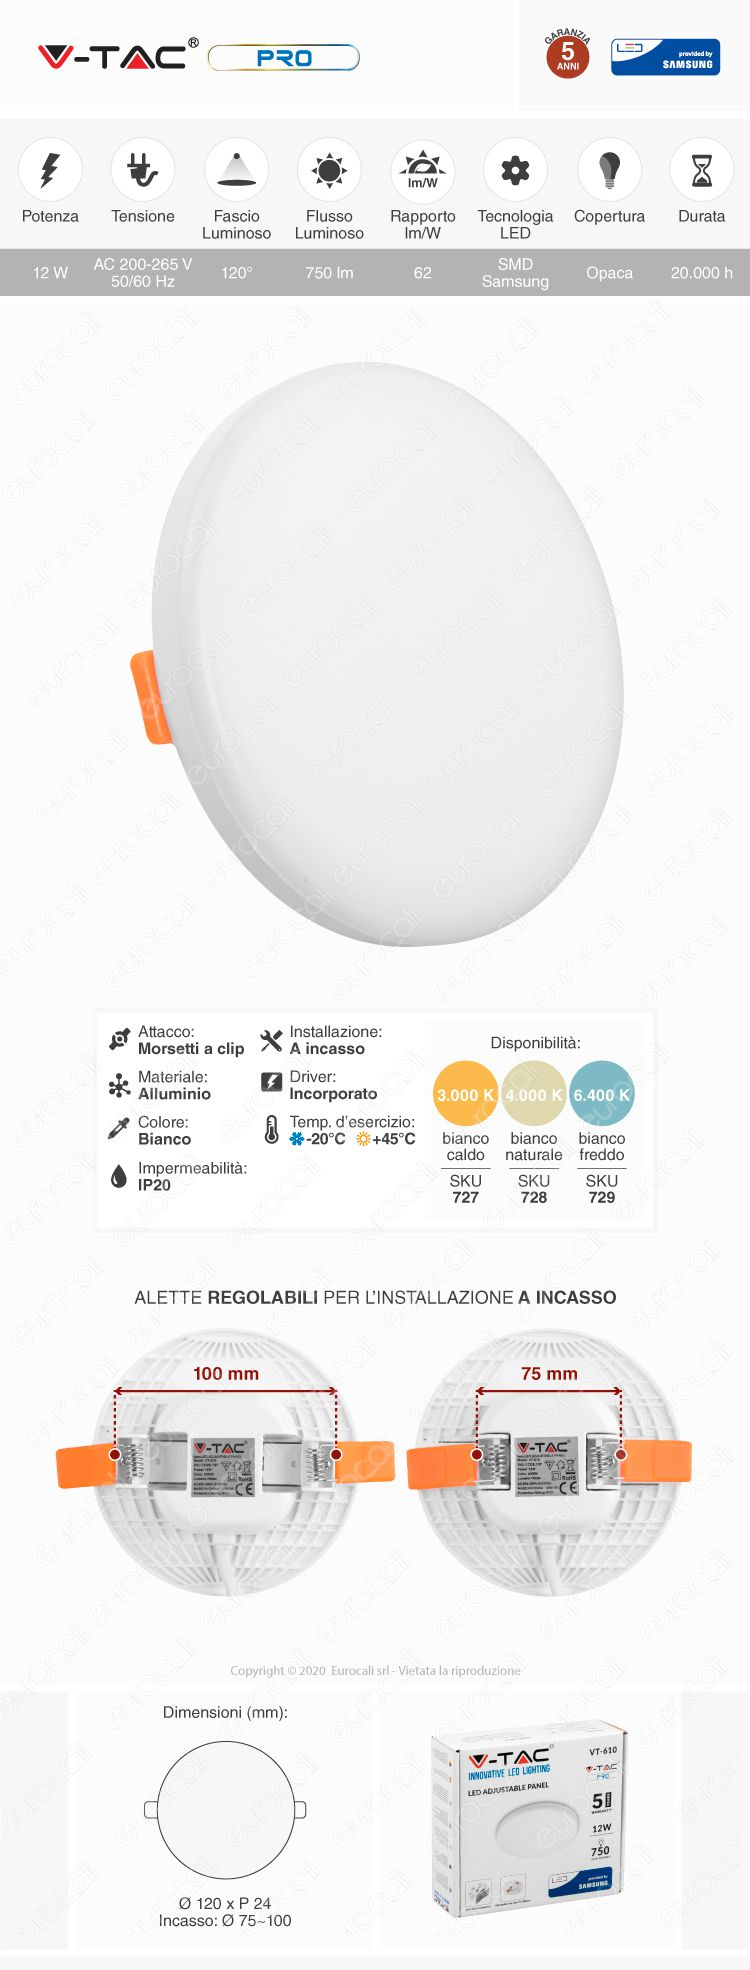 V-Tac PRO VT-610 Pannello LED Rotondo 12W SMD da Incasso Regolabile con Driver con Chip Samsung